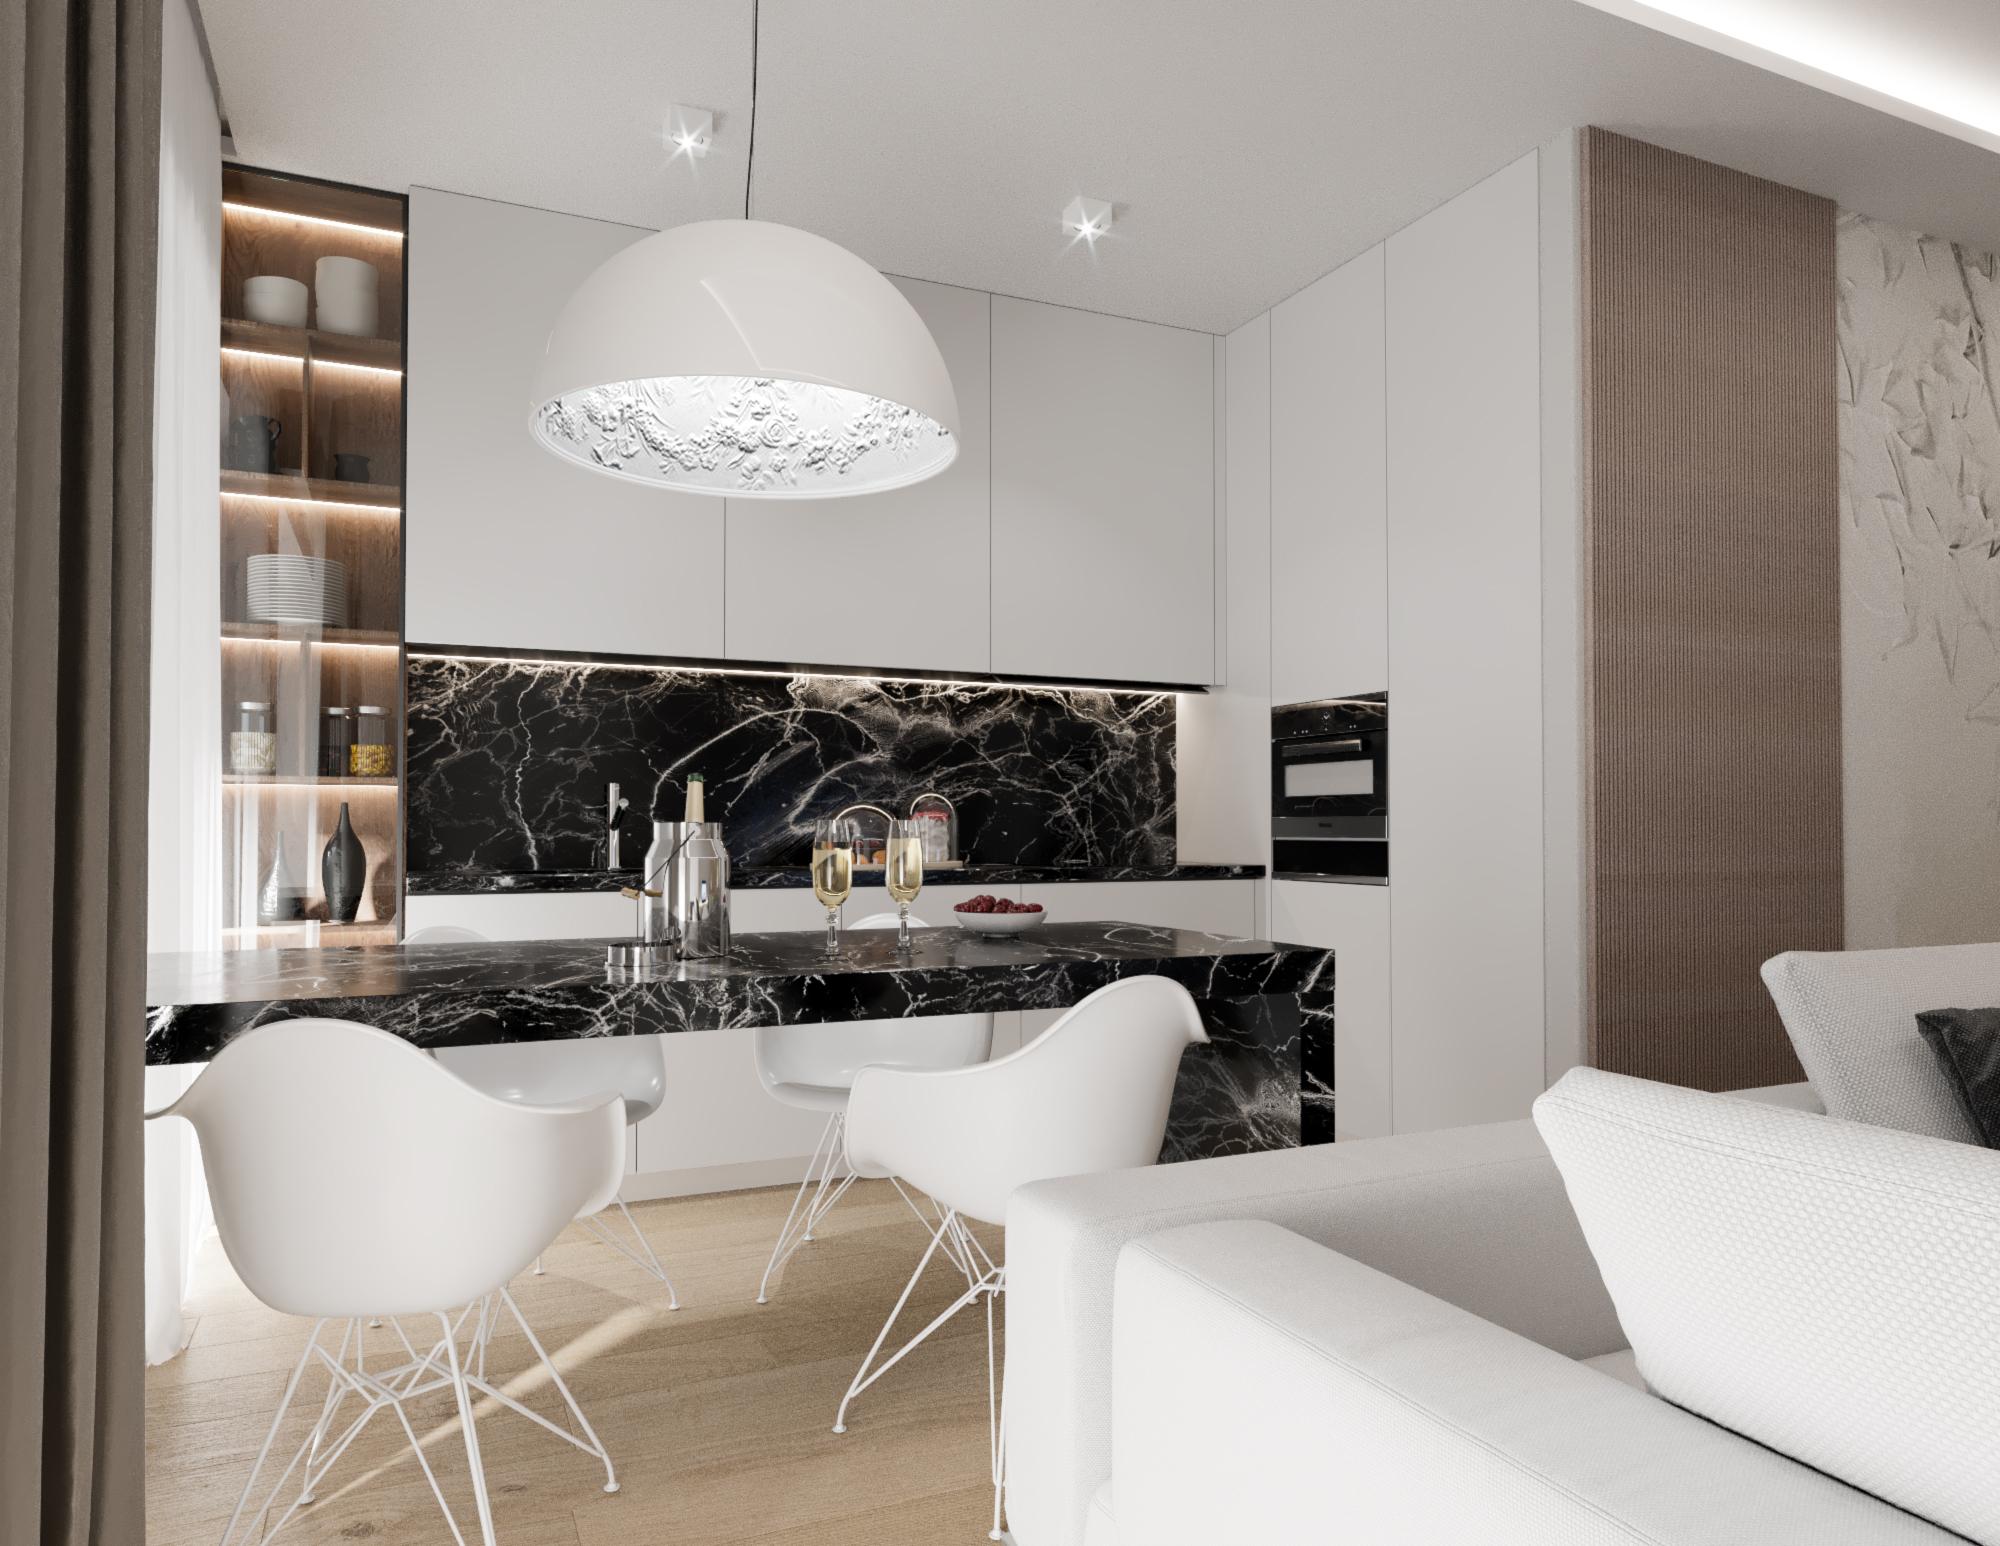 Ristrutturazione Completa Casa Costi quanto costa ristrutturare casa? i prezzi al metro quadro